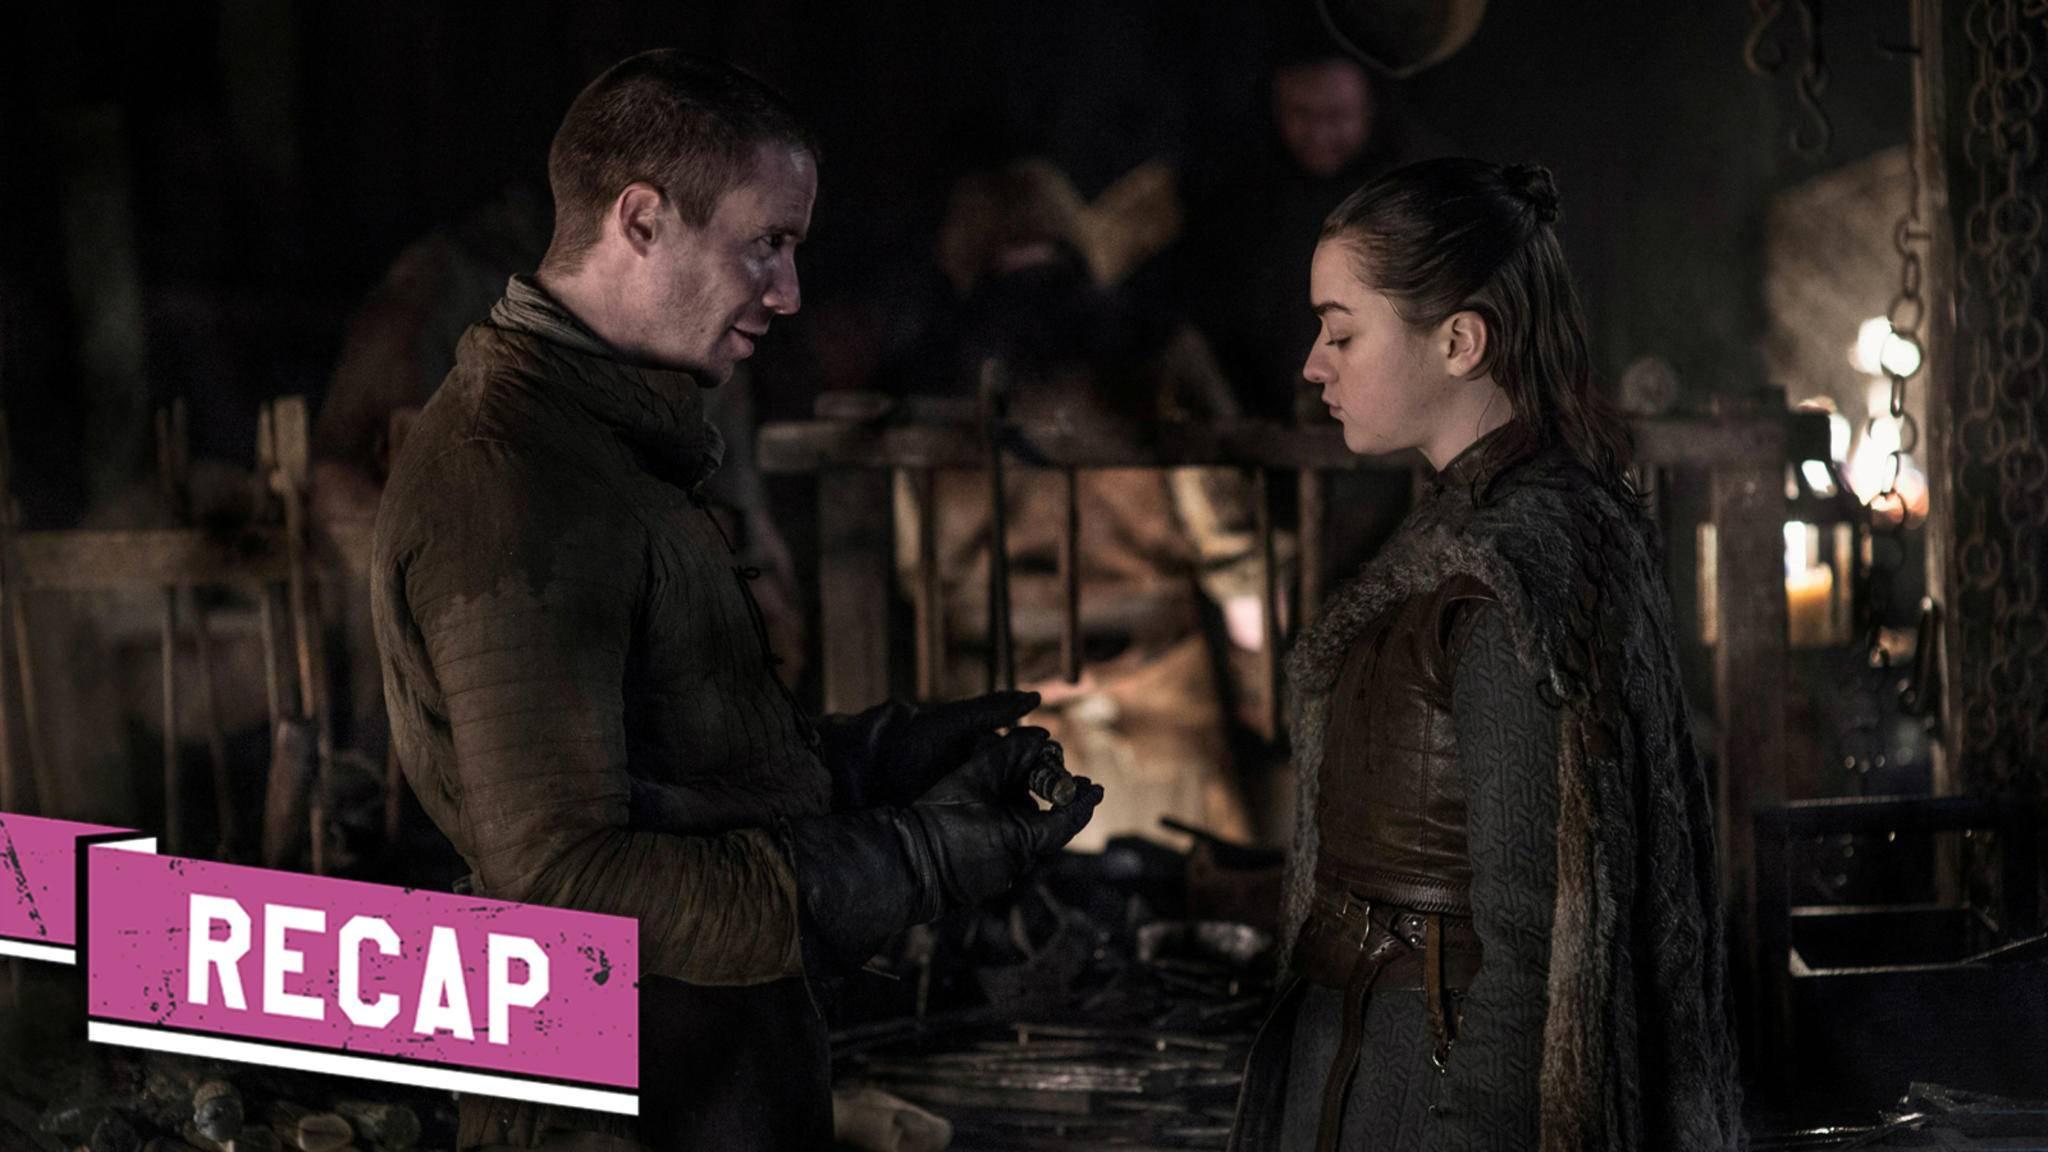 Finden hier zwei Herzen zueinander? Nein, für Arya ist es etwas rein Körperliches. Wie kann man nur so oberflächlich sein?